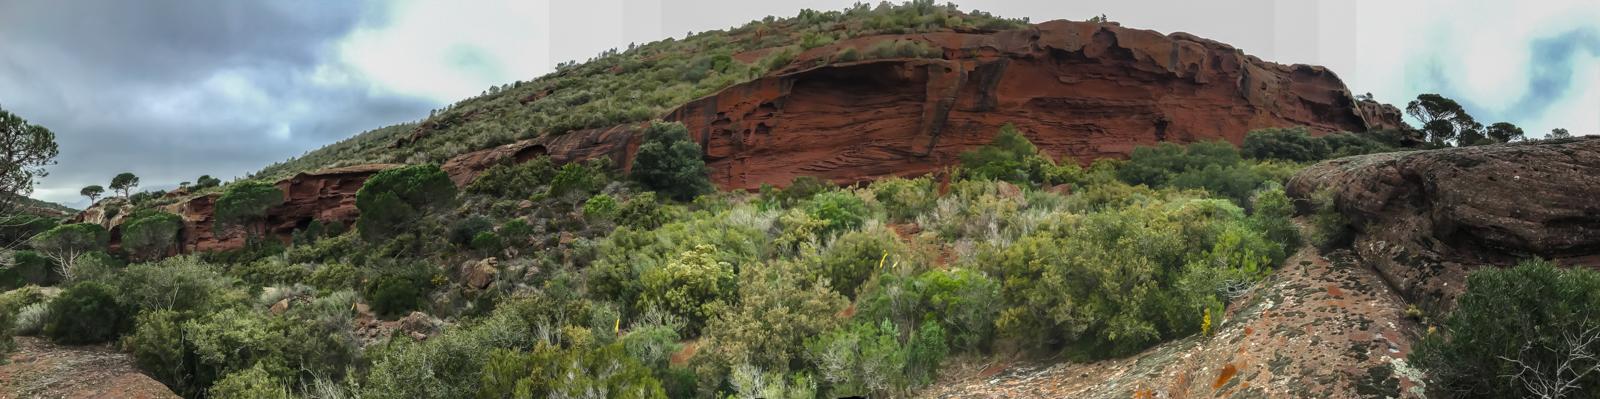 Panoàramica del Pla de l'Areny (Mont-roig del Camp - Tarragona)